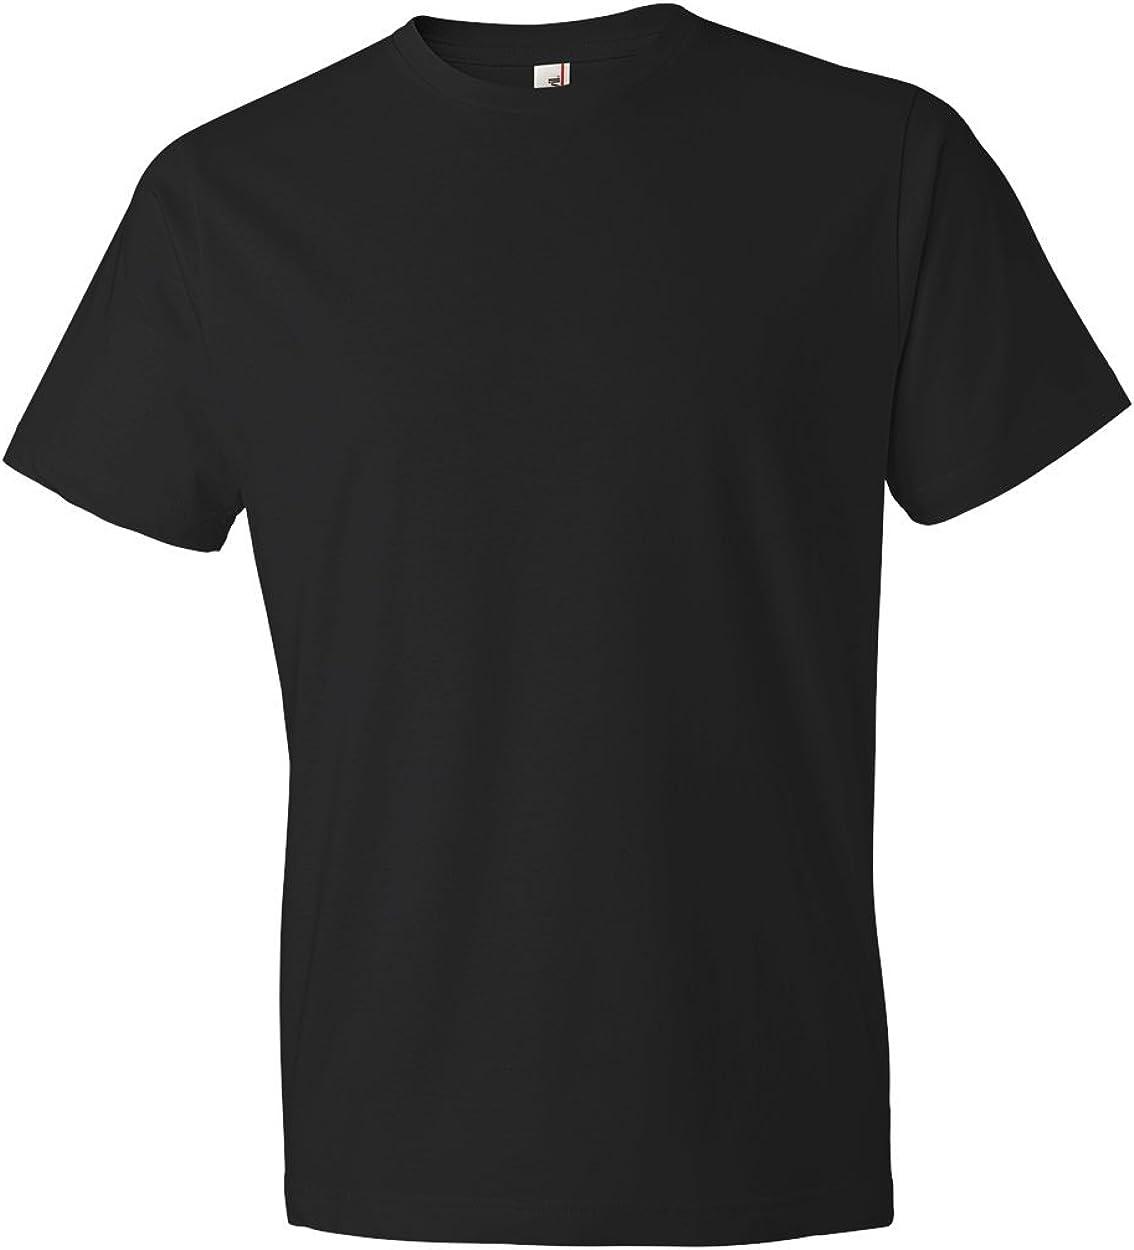 Anvil Mens Fashion-T-Shirts